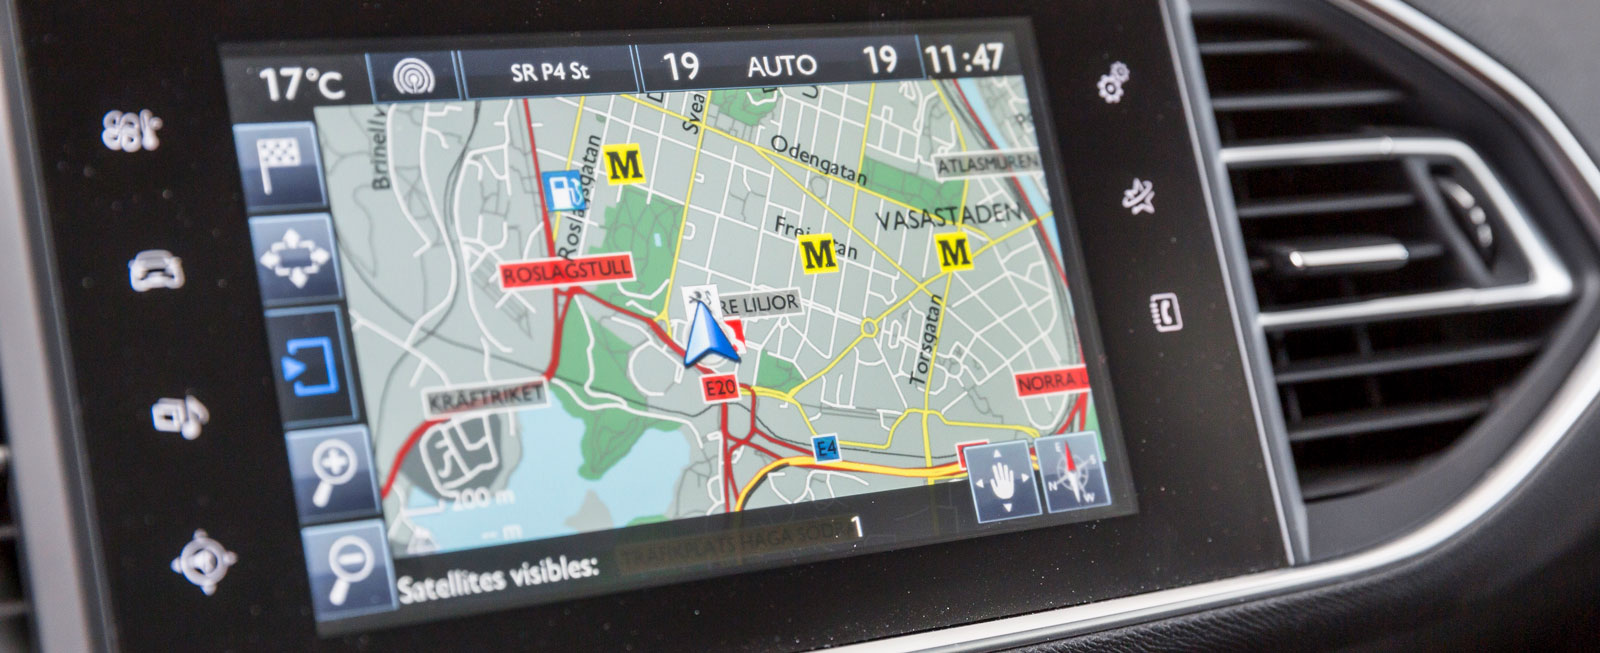 Peugeots pekskärm är lite långsam i reaktionerna och systemet börjar kännas lätt föråldrat. Telefonfunktionerna är krångliga, men bra är att navigation är standard.